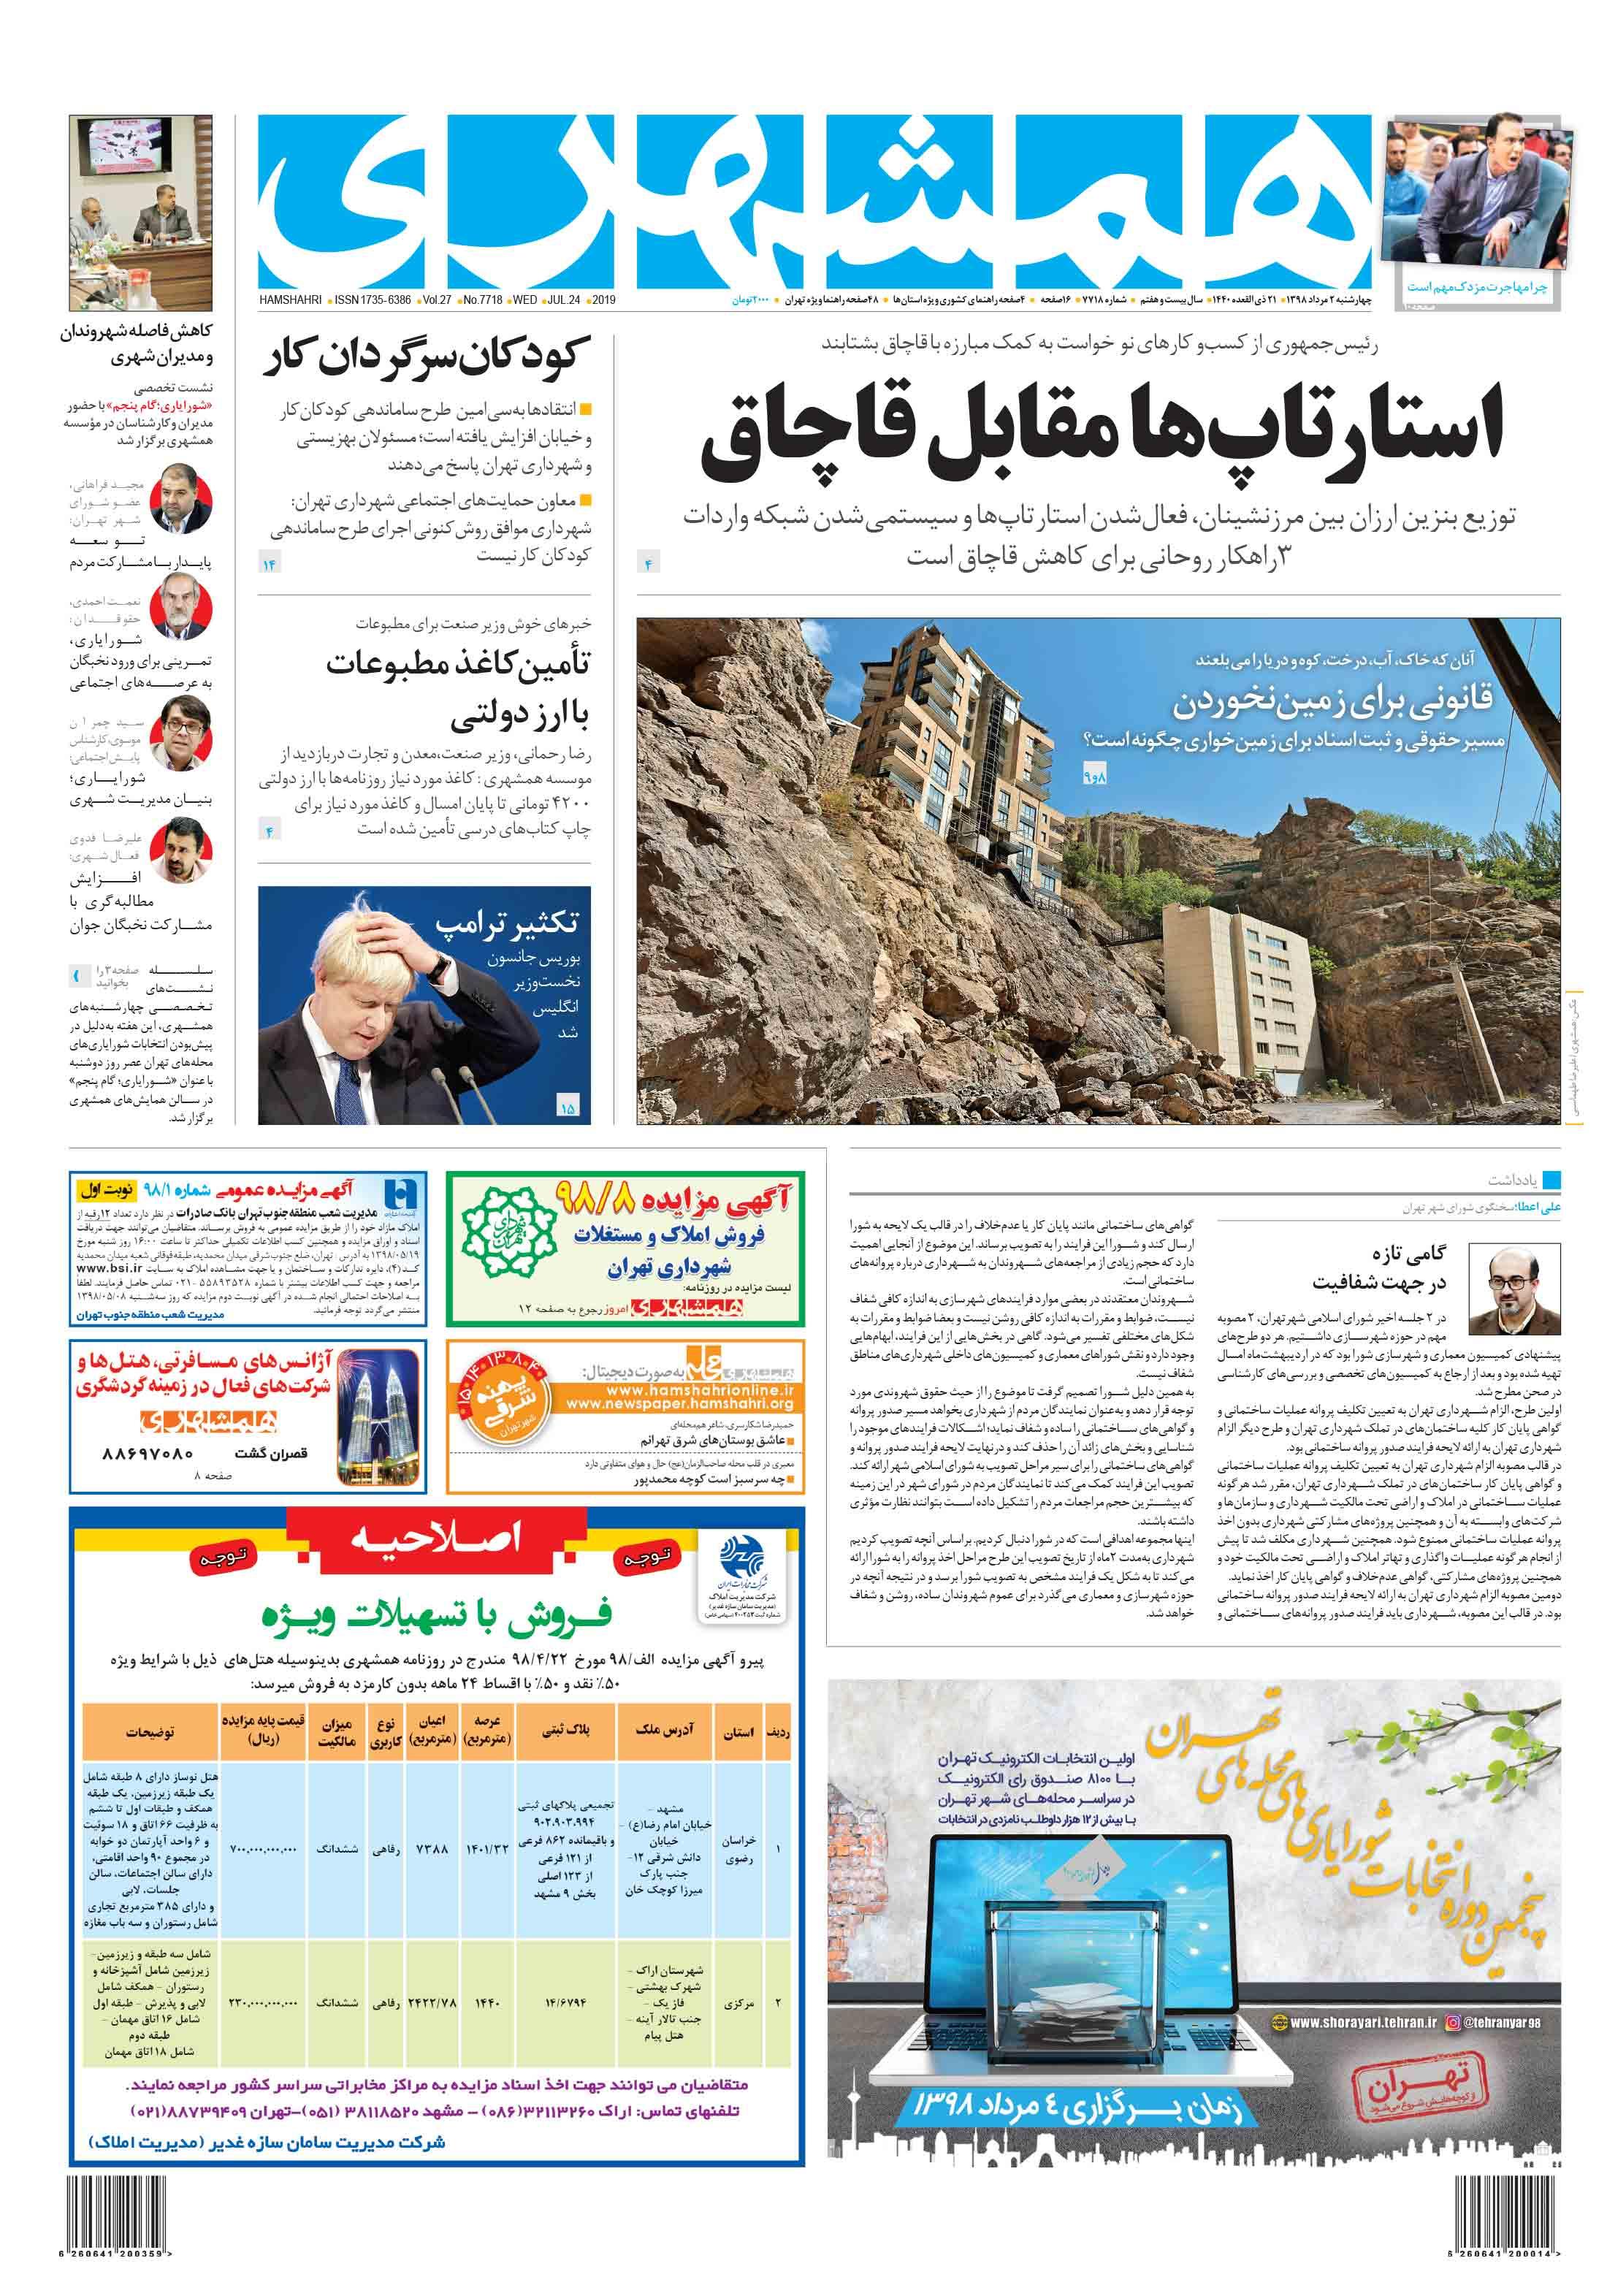 صفحه اول چهارشنبه 2 مرداد 1398